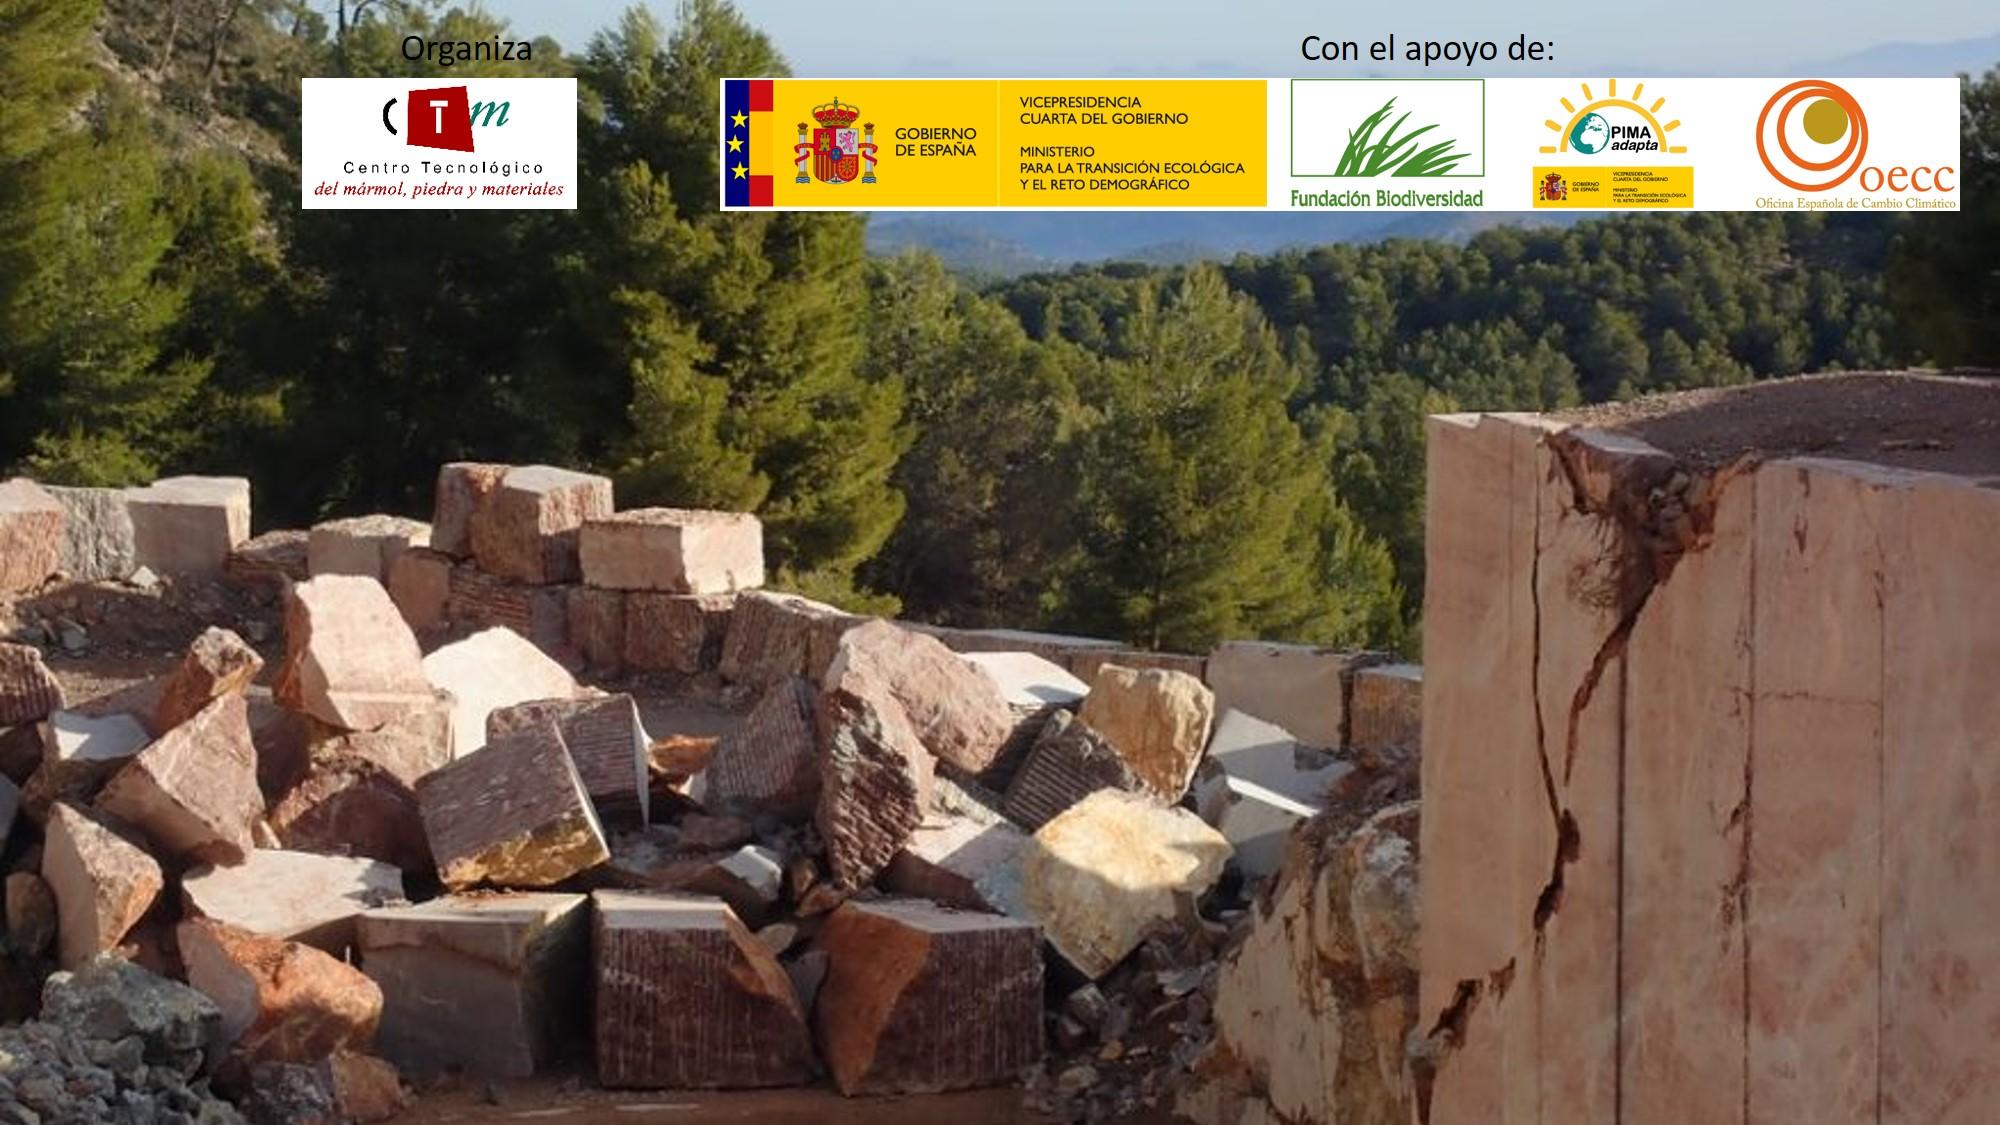 BioReSTONE, demostrando la compatibilidad de la actividad extractiva con la conservación de biodiversidad y la adaptación de las restauraciones al cambio climático